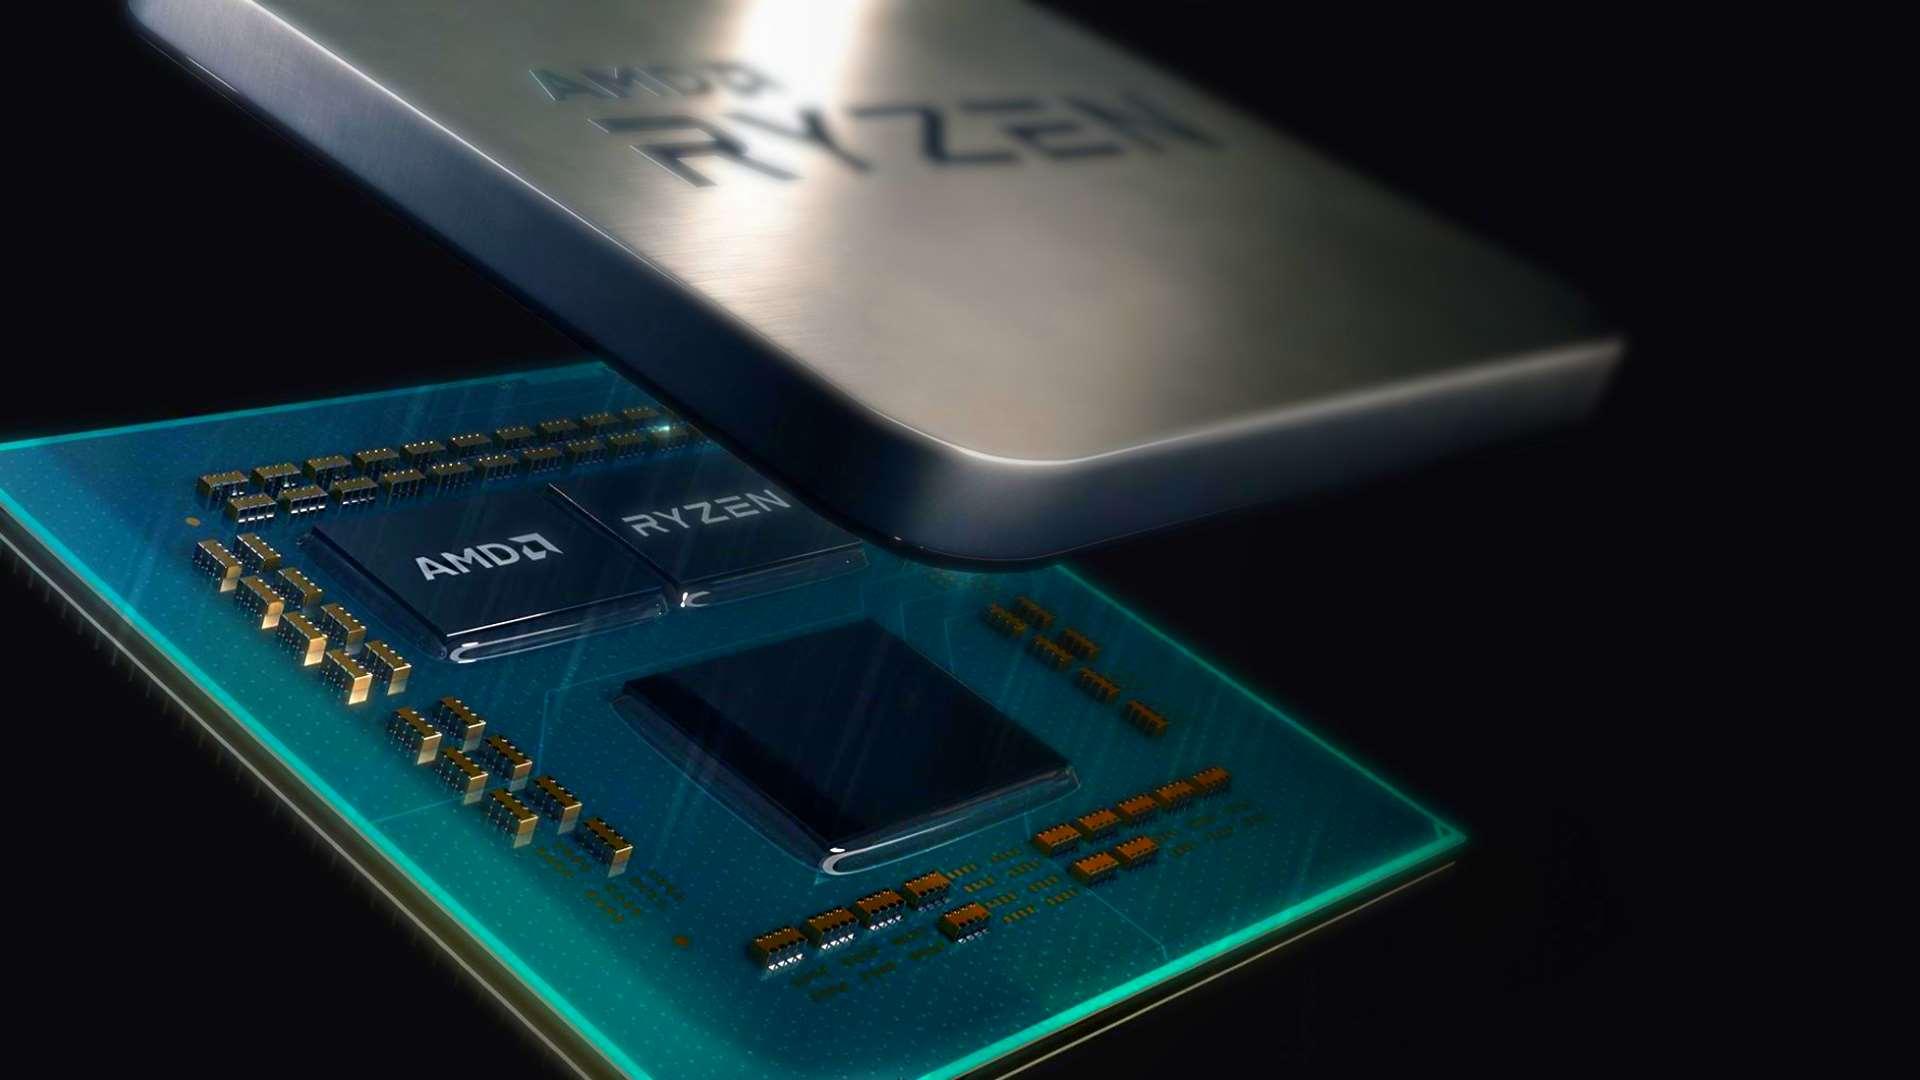 AMD Ryzen 5 3600 6-Core